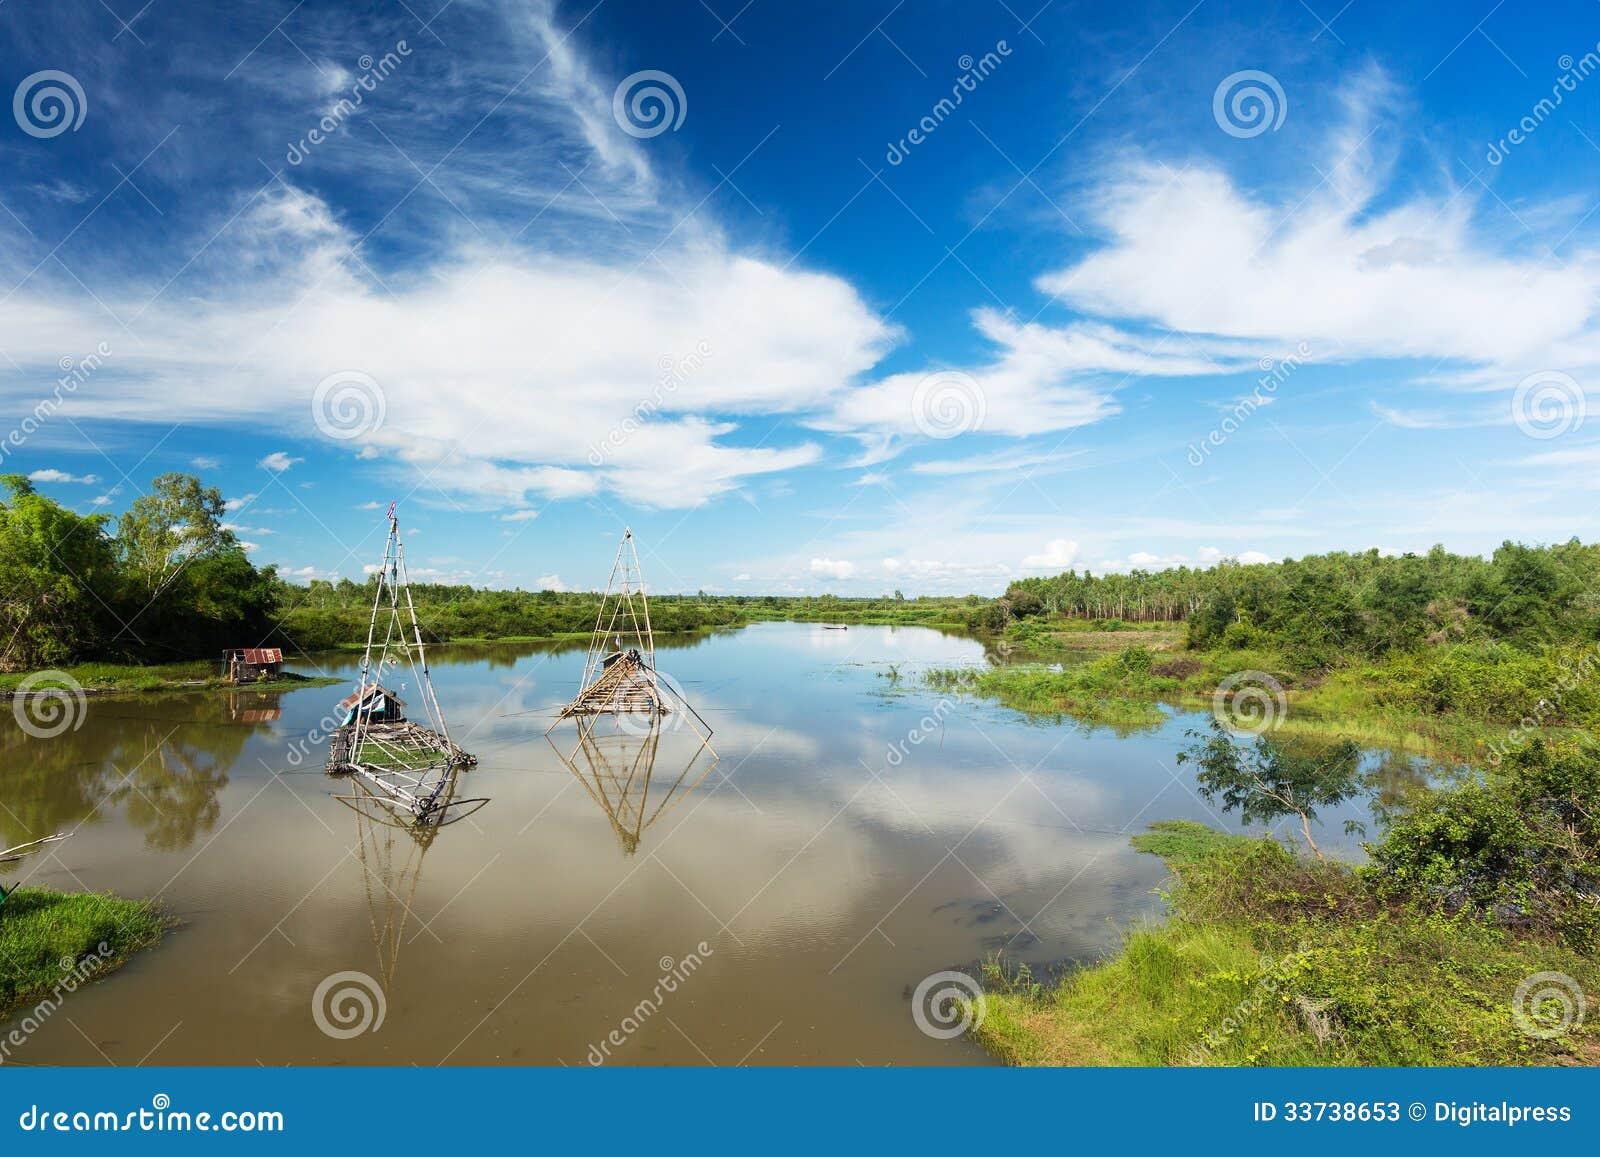 Азиатский ландшафт с рыбацкой лодкой